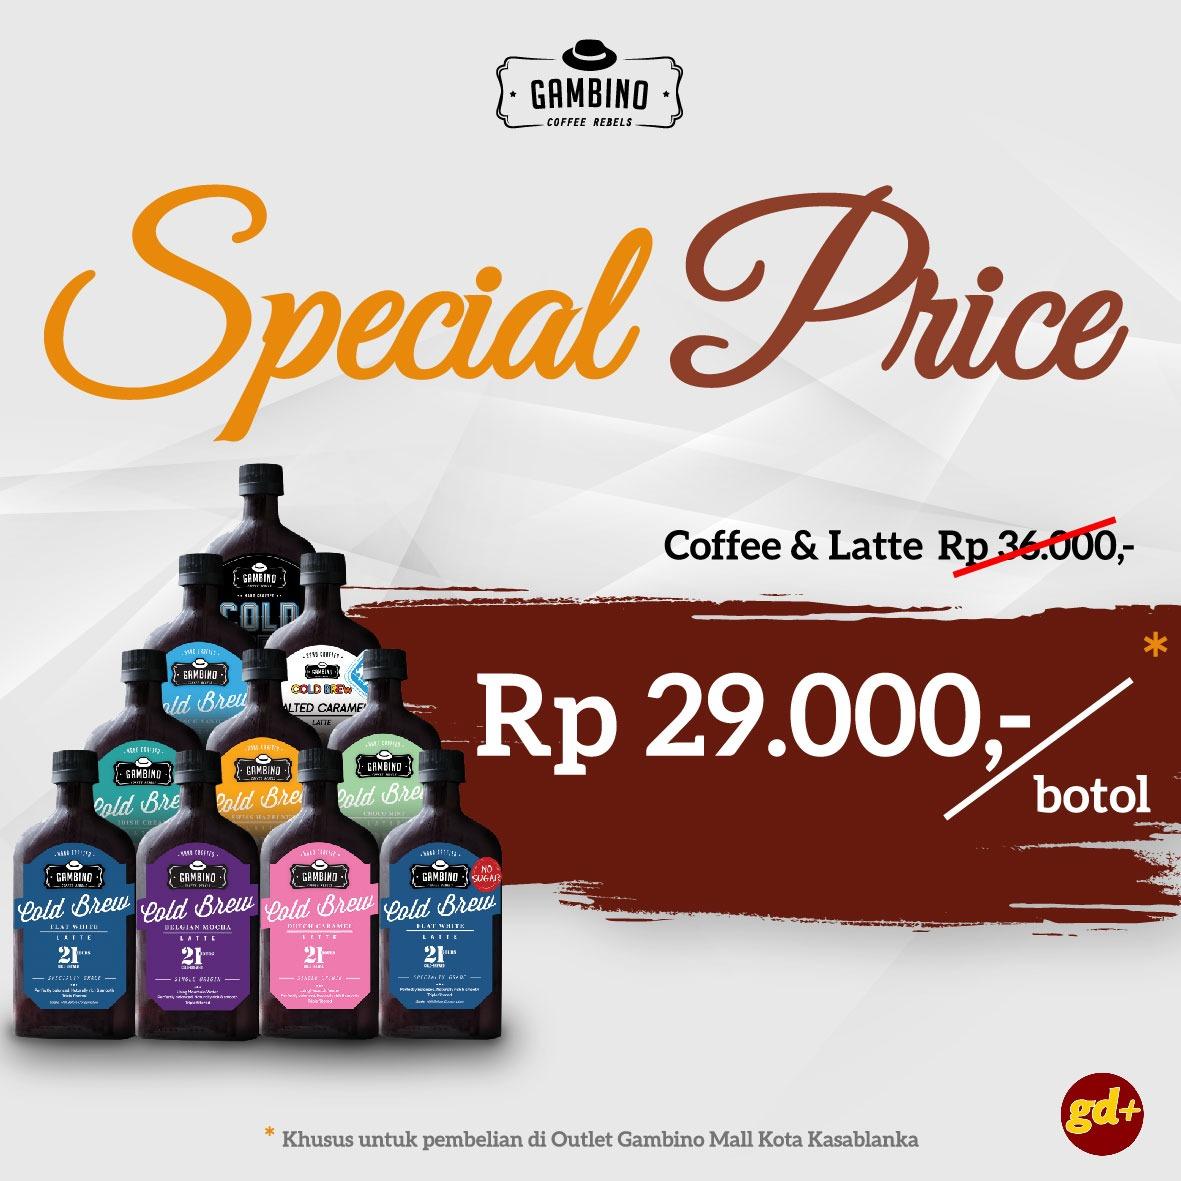 Gambino Coffee Promo Diskon Coffee Latte Hanya 29RIBU per Botol